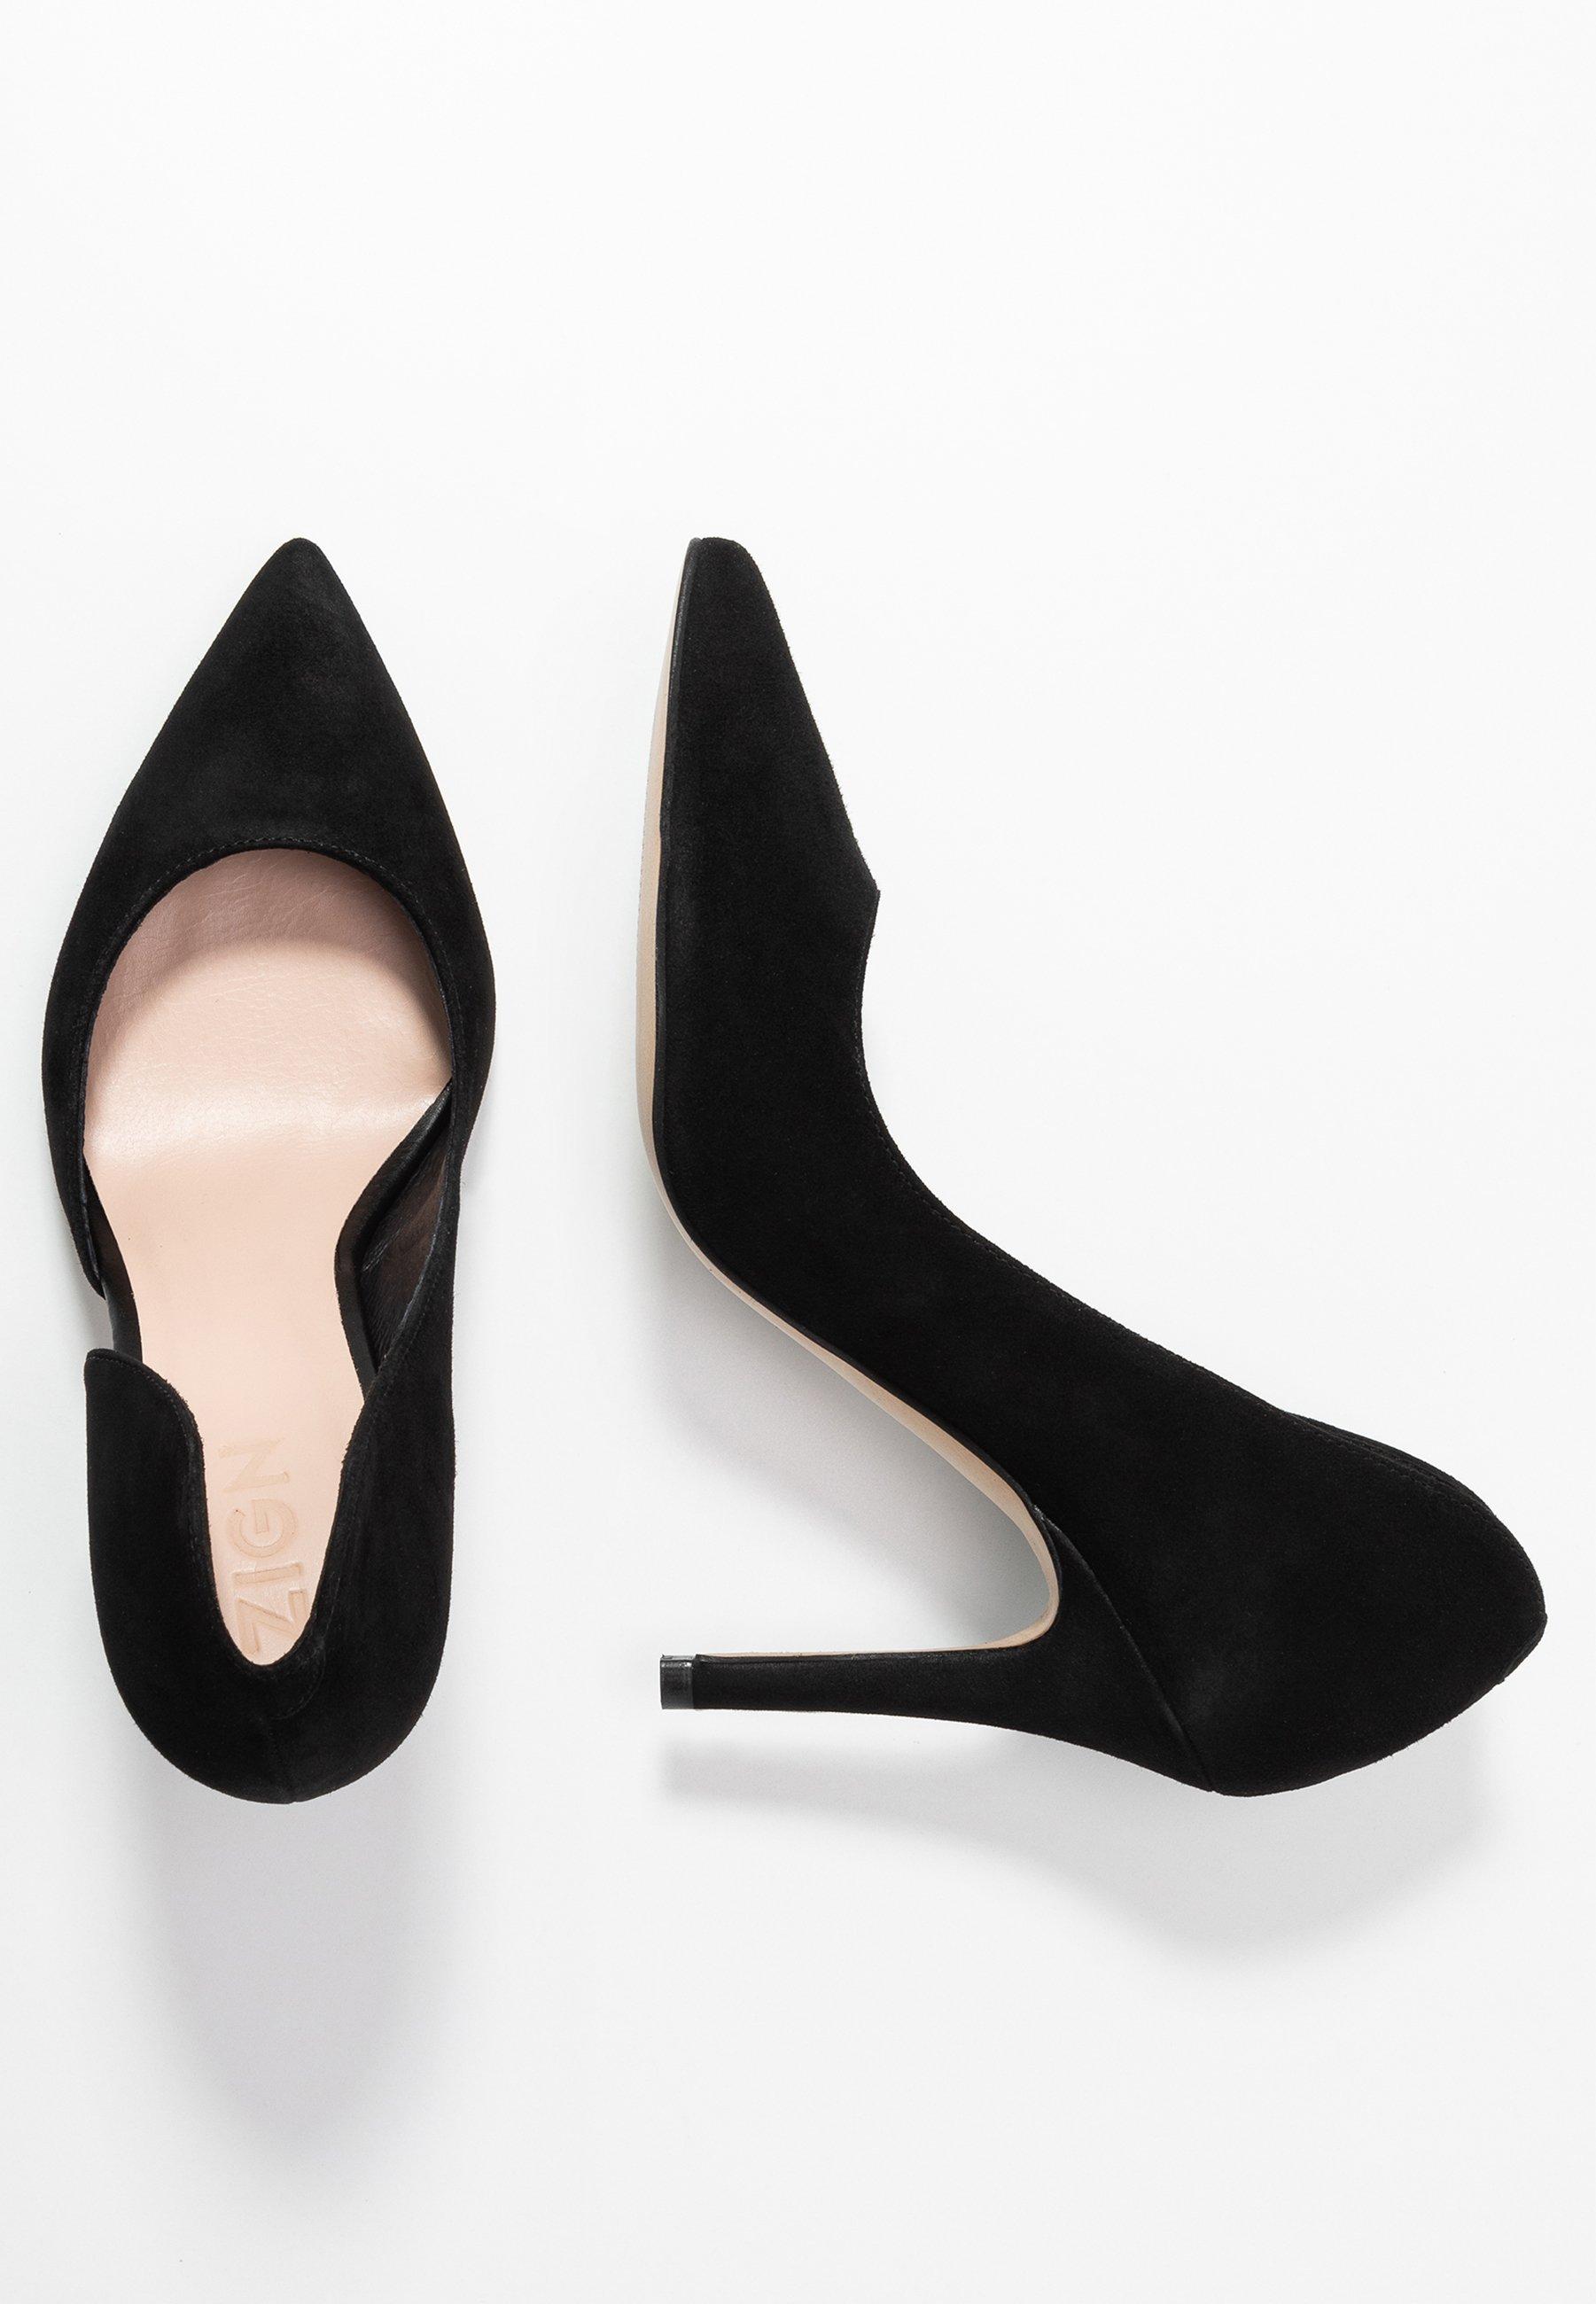 Zign High Heel Pumps - Black/schwarz